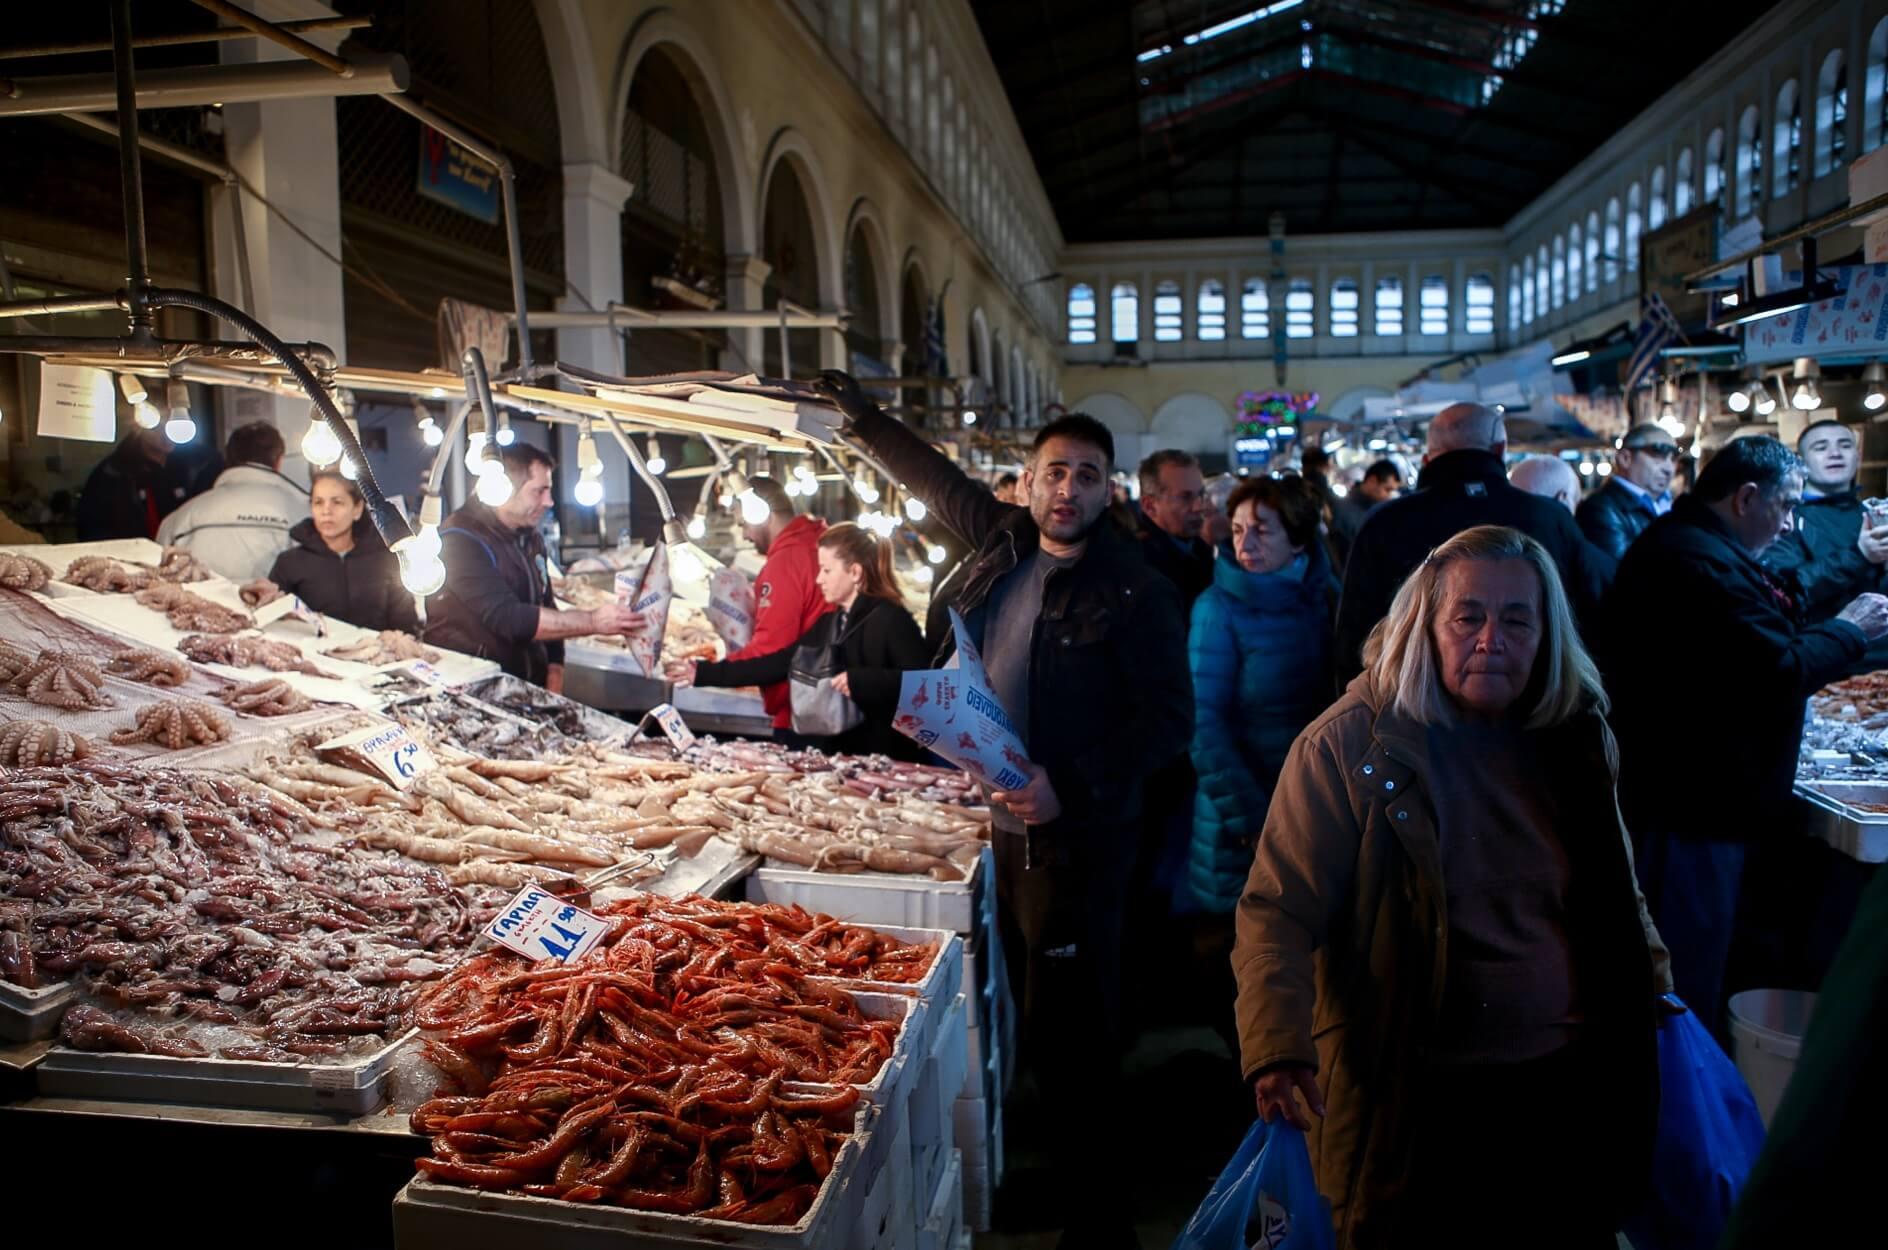 Καθαρά Δευτέρα: Βραδινά ψώνια σε Βαρβάκειο και Ρέντη! Ποιο το ωράριο